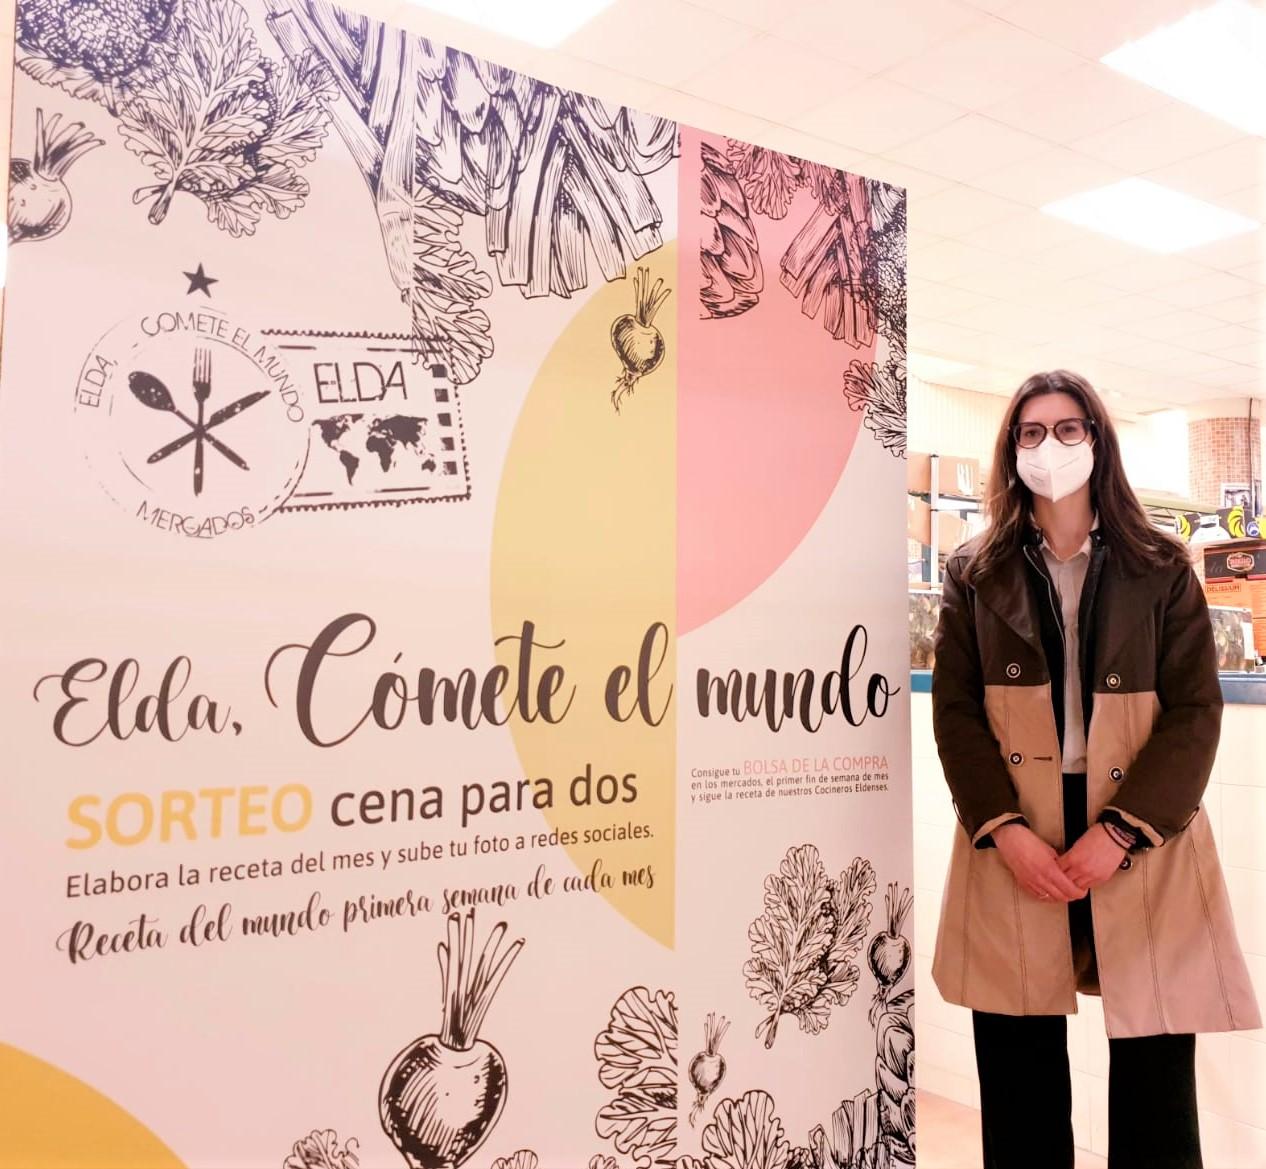 El Ayuntamiento de Elda pone en marcha la campaña 'Cómete el mundo' para respaldar e impulsar la restauración y el comercio eldense